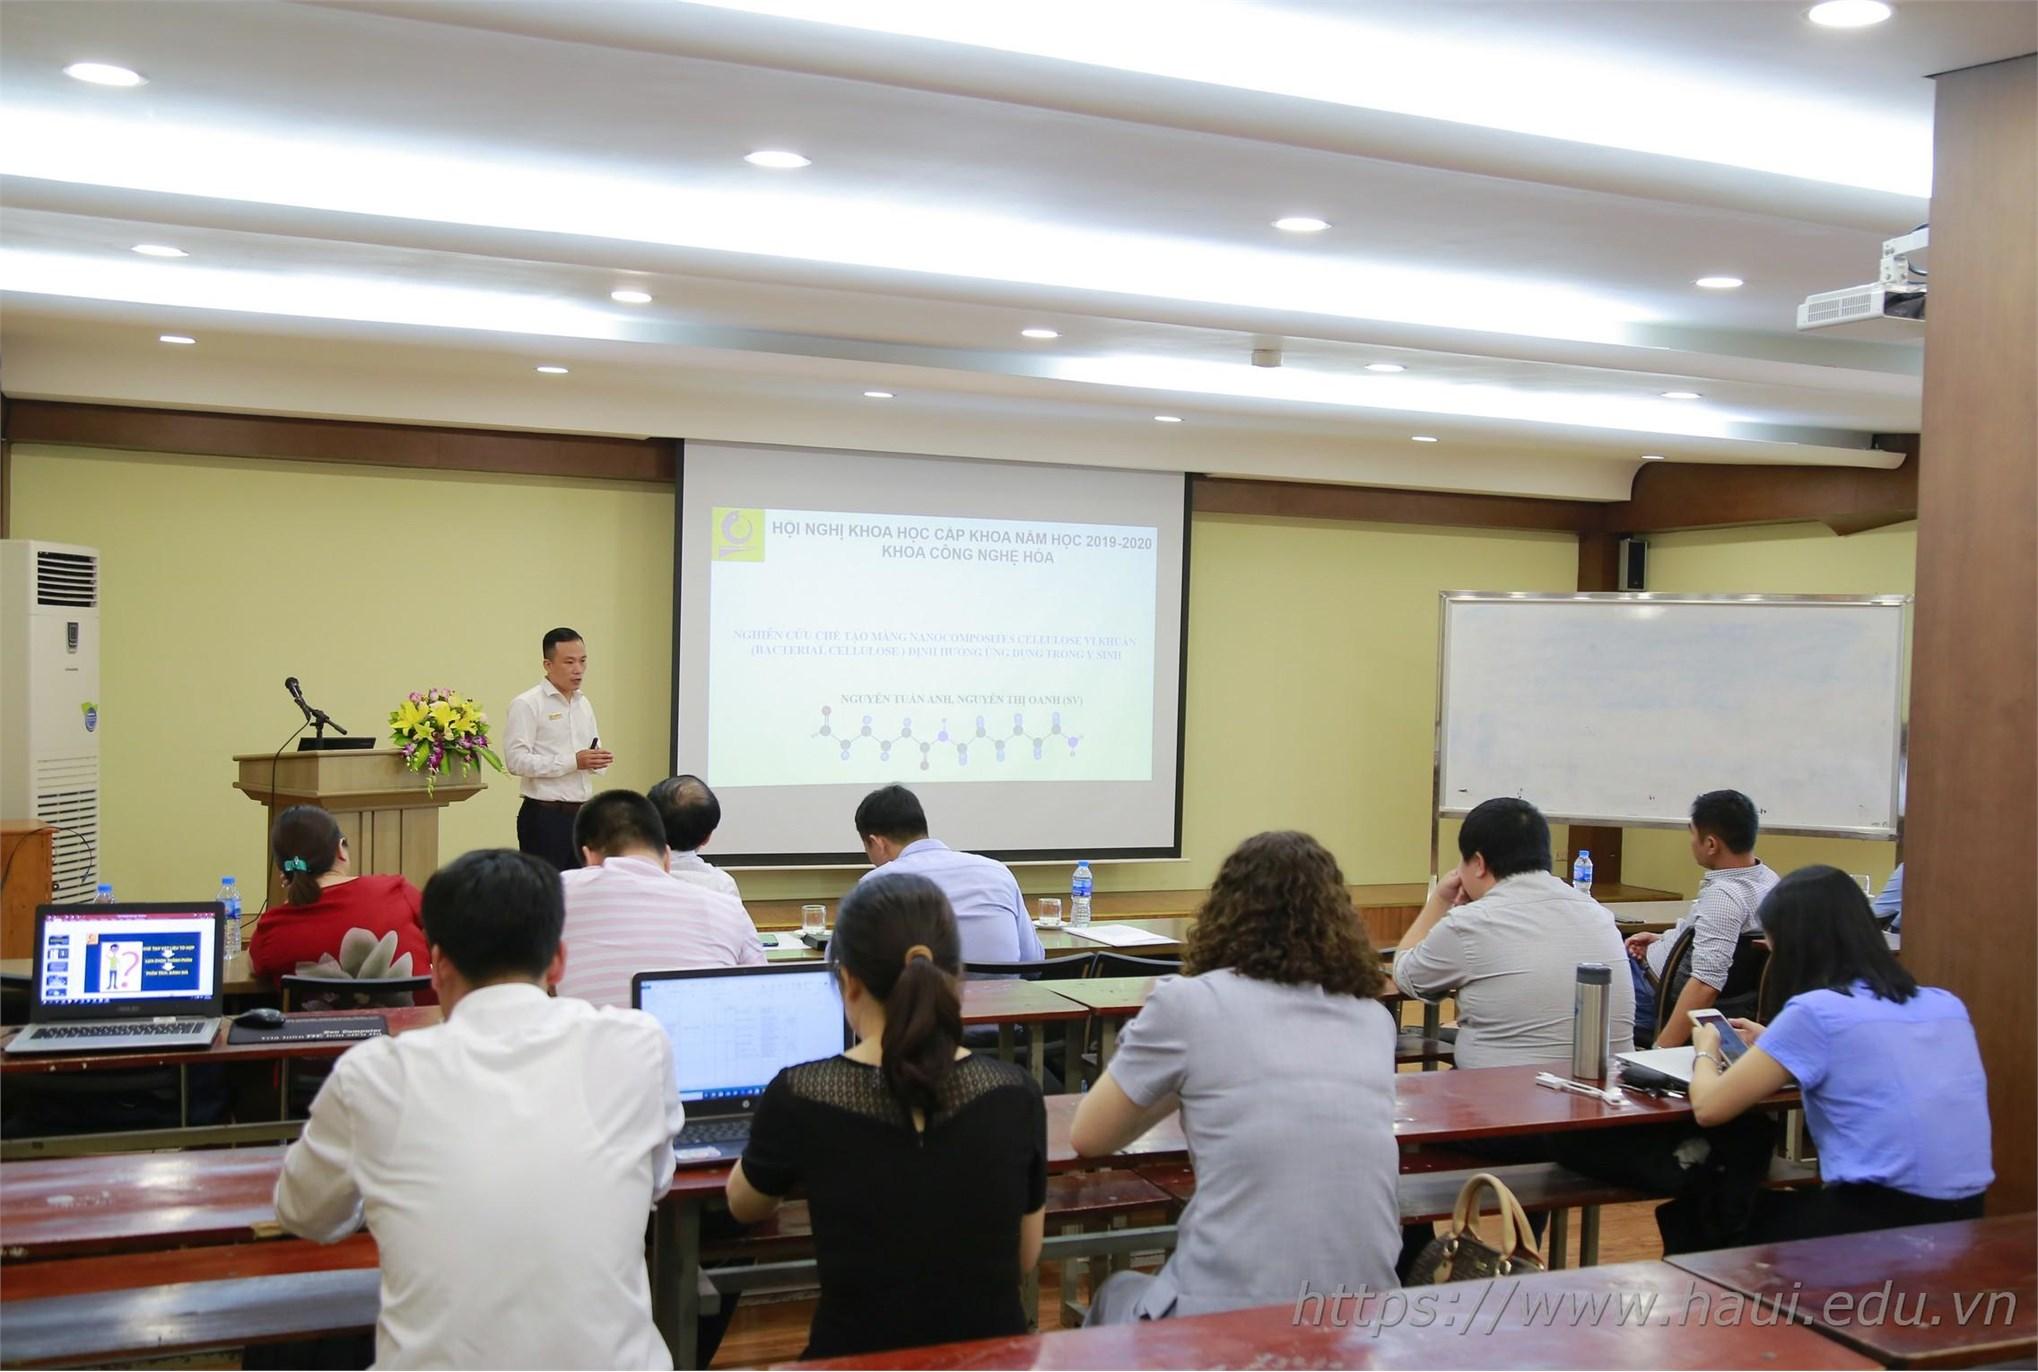 55 báo cáo được trình bày tại Hội nghị khoa học của khoa Điện, khoa Công nghệ Hóa và khoa Ngoại ngữ